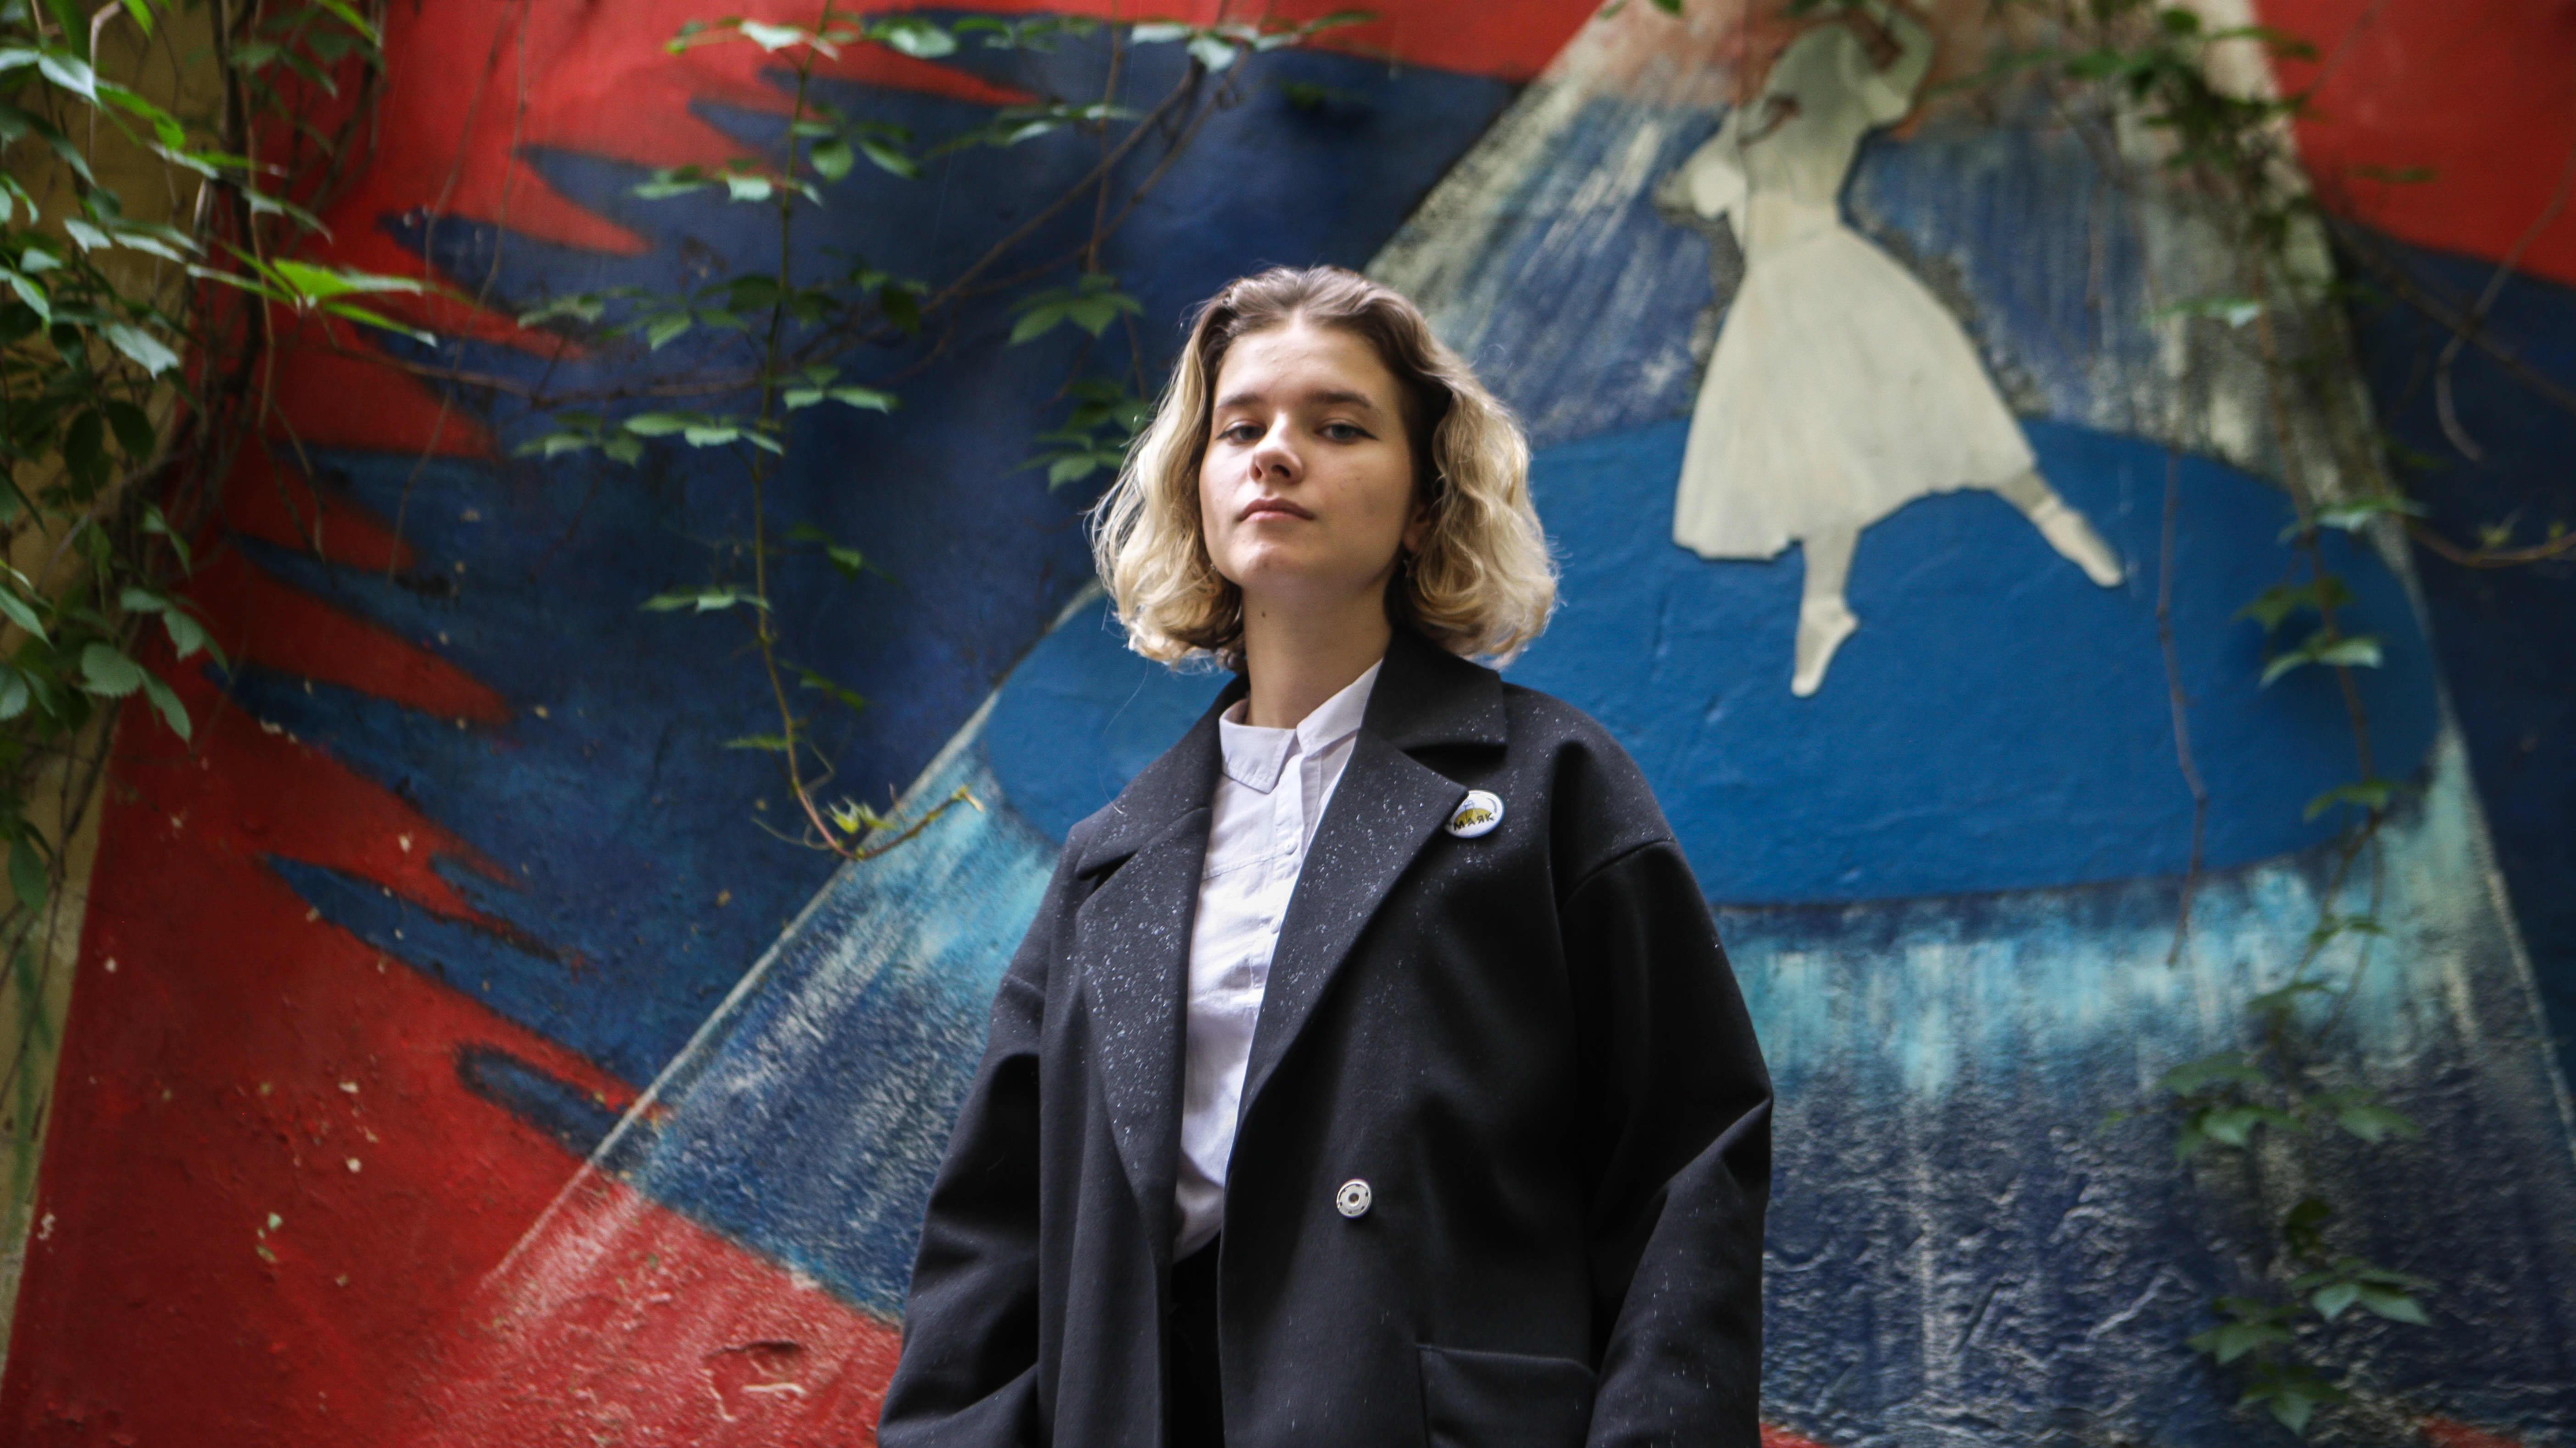 Darja Heikinen katsoo kameraan, taustalla puna-sini-valkoinen muraali, jossa balleriina